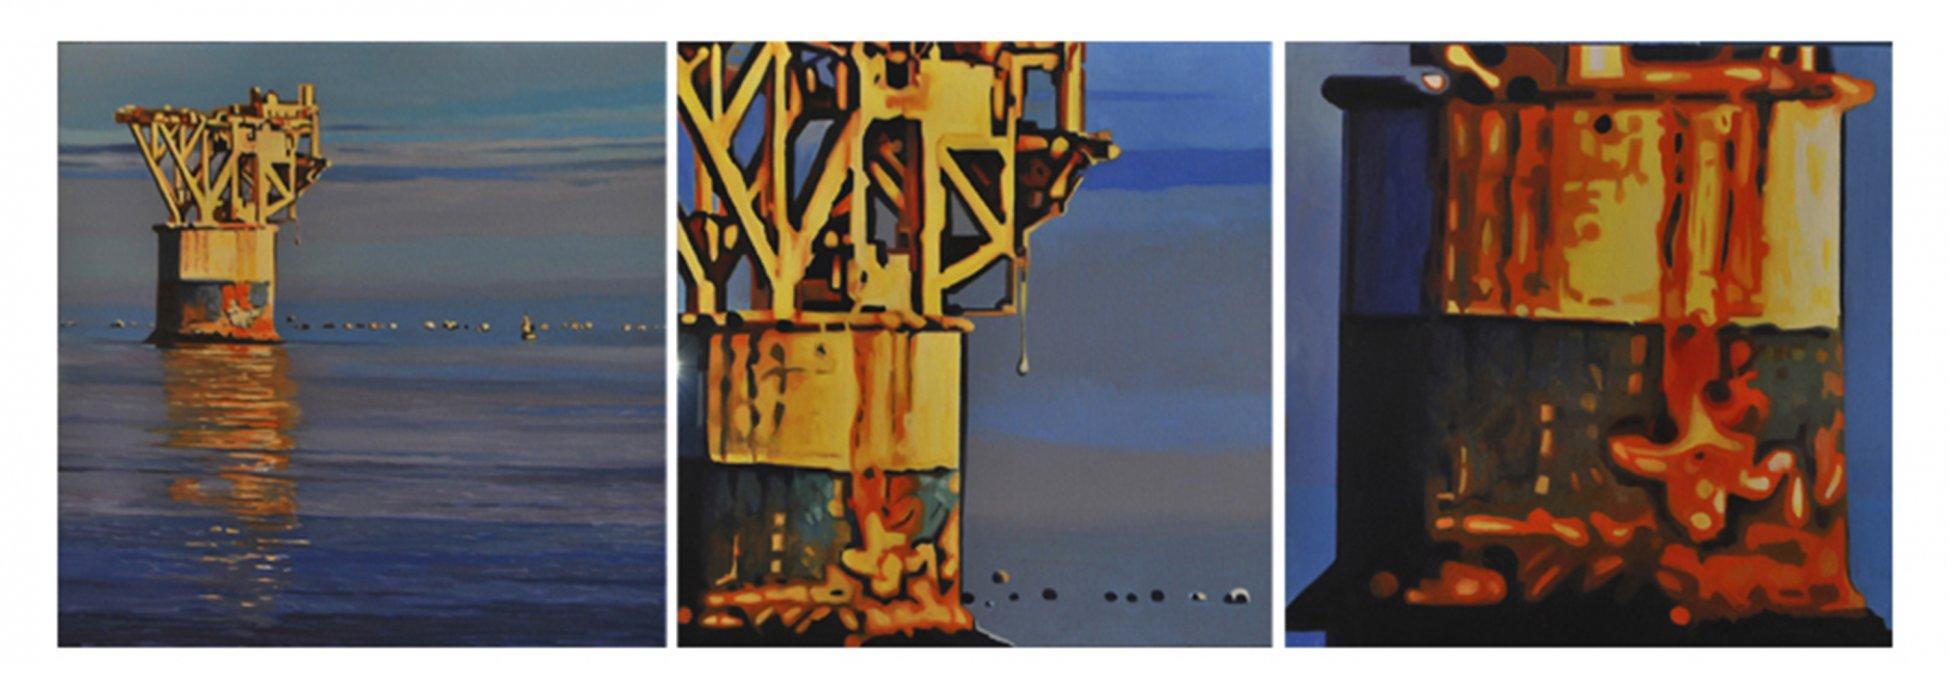 Torre de carga de mineral de la playa del Cable. Marbella (2015) - Ricardo Alario